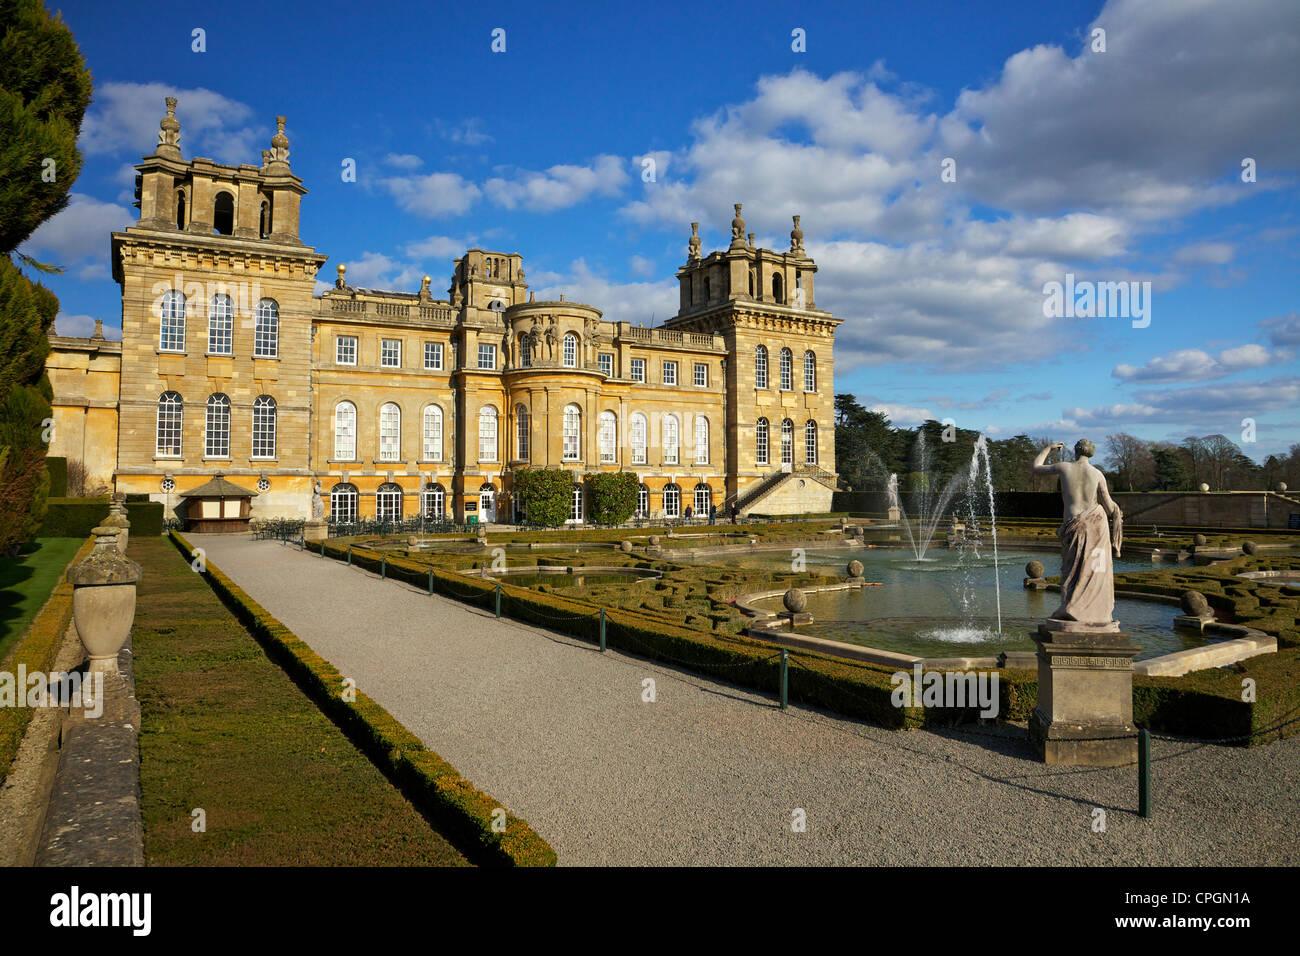 Los jardines de agua, el Palacio de Blenheim, lugar de nacimiento de Sir Winston Churchill, Woodstock, Oxfordshire, Imagen De Stock